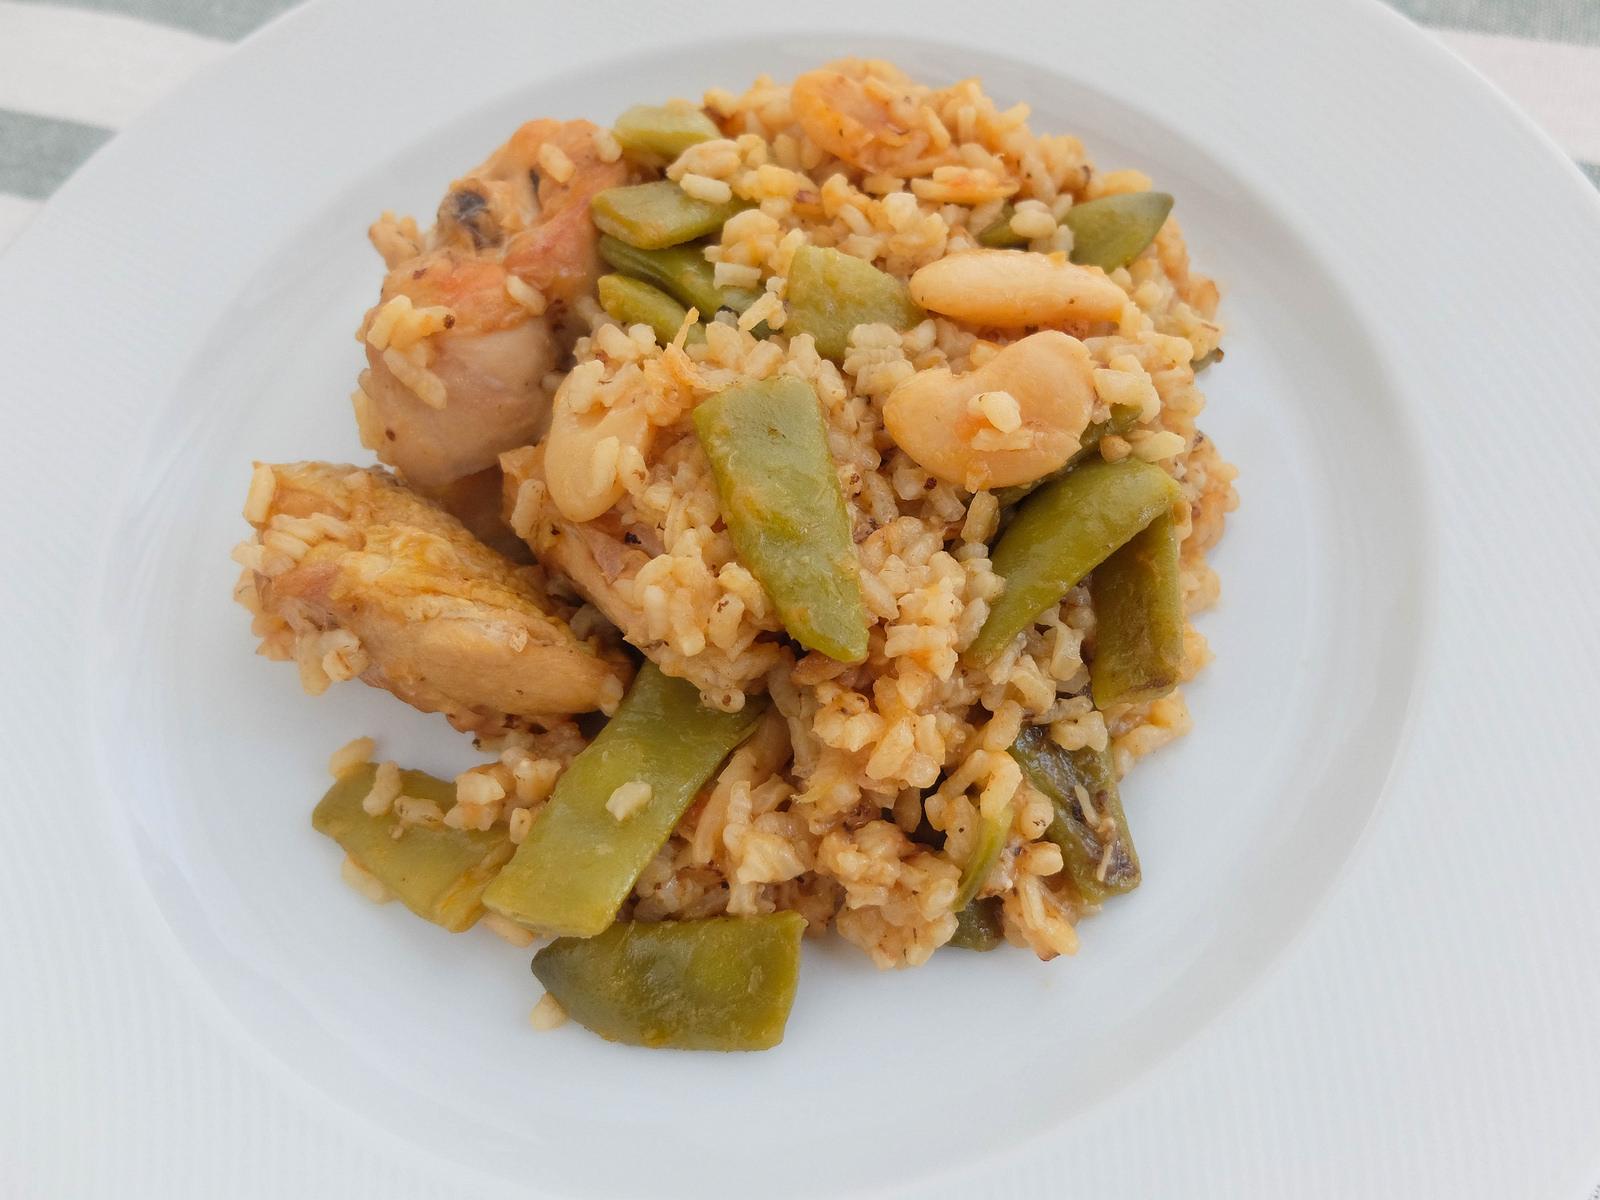 простое испанское блюдо с рисом